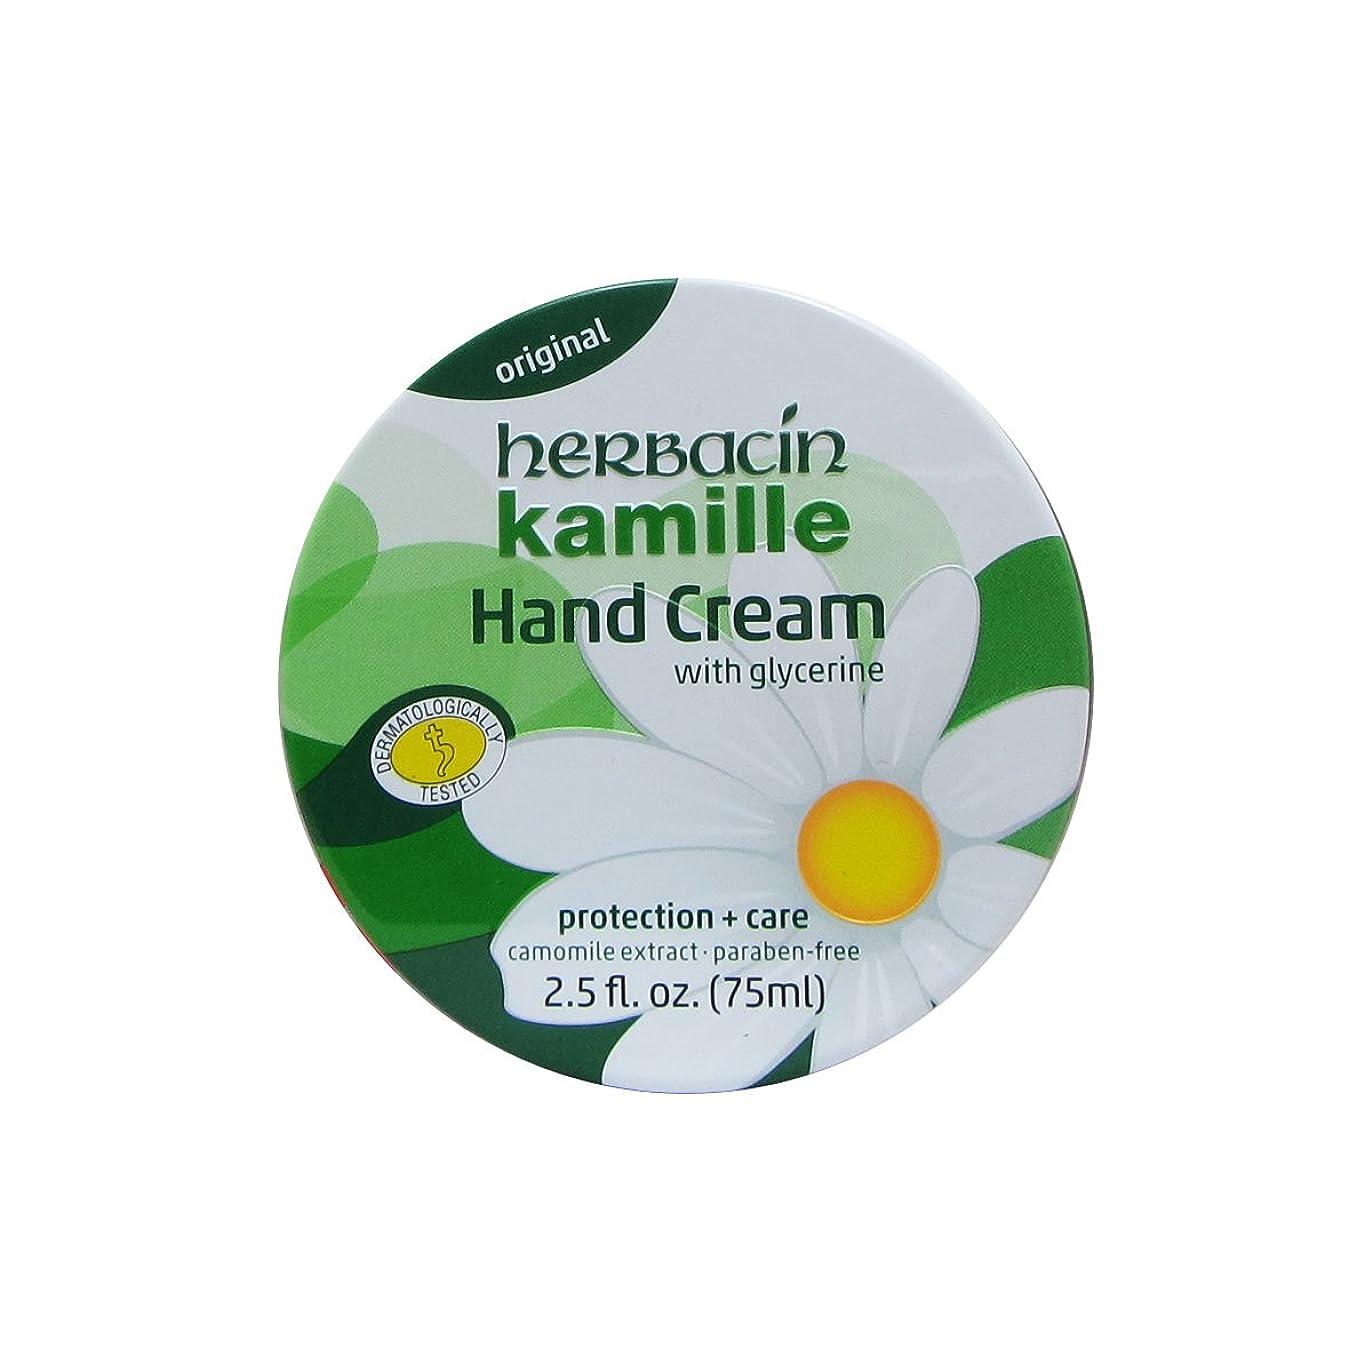 民間ピット約設定Herbacin Wuta Kamille Hand Cream Tin 75ml [並行輸入品]